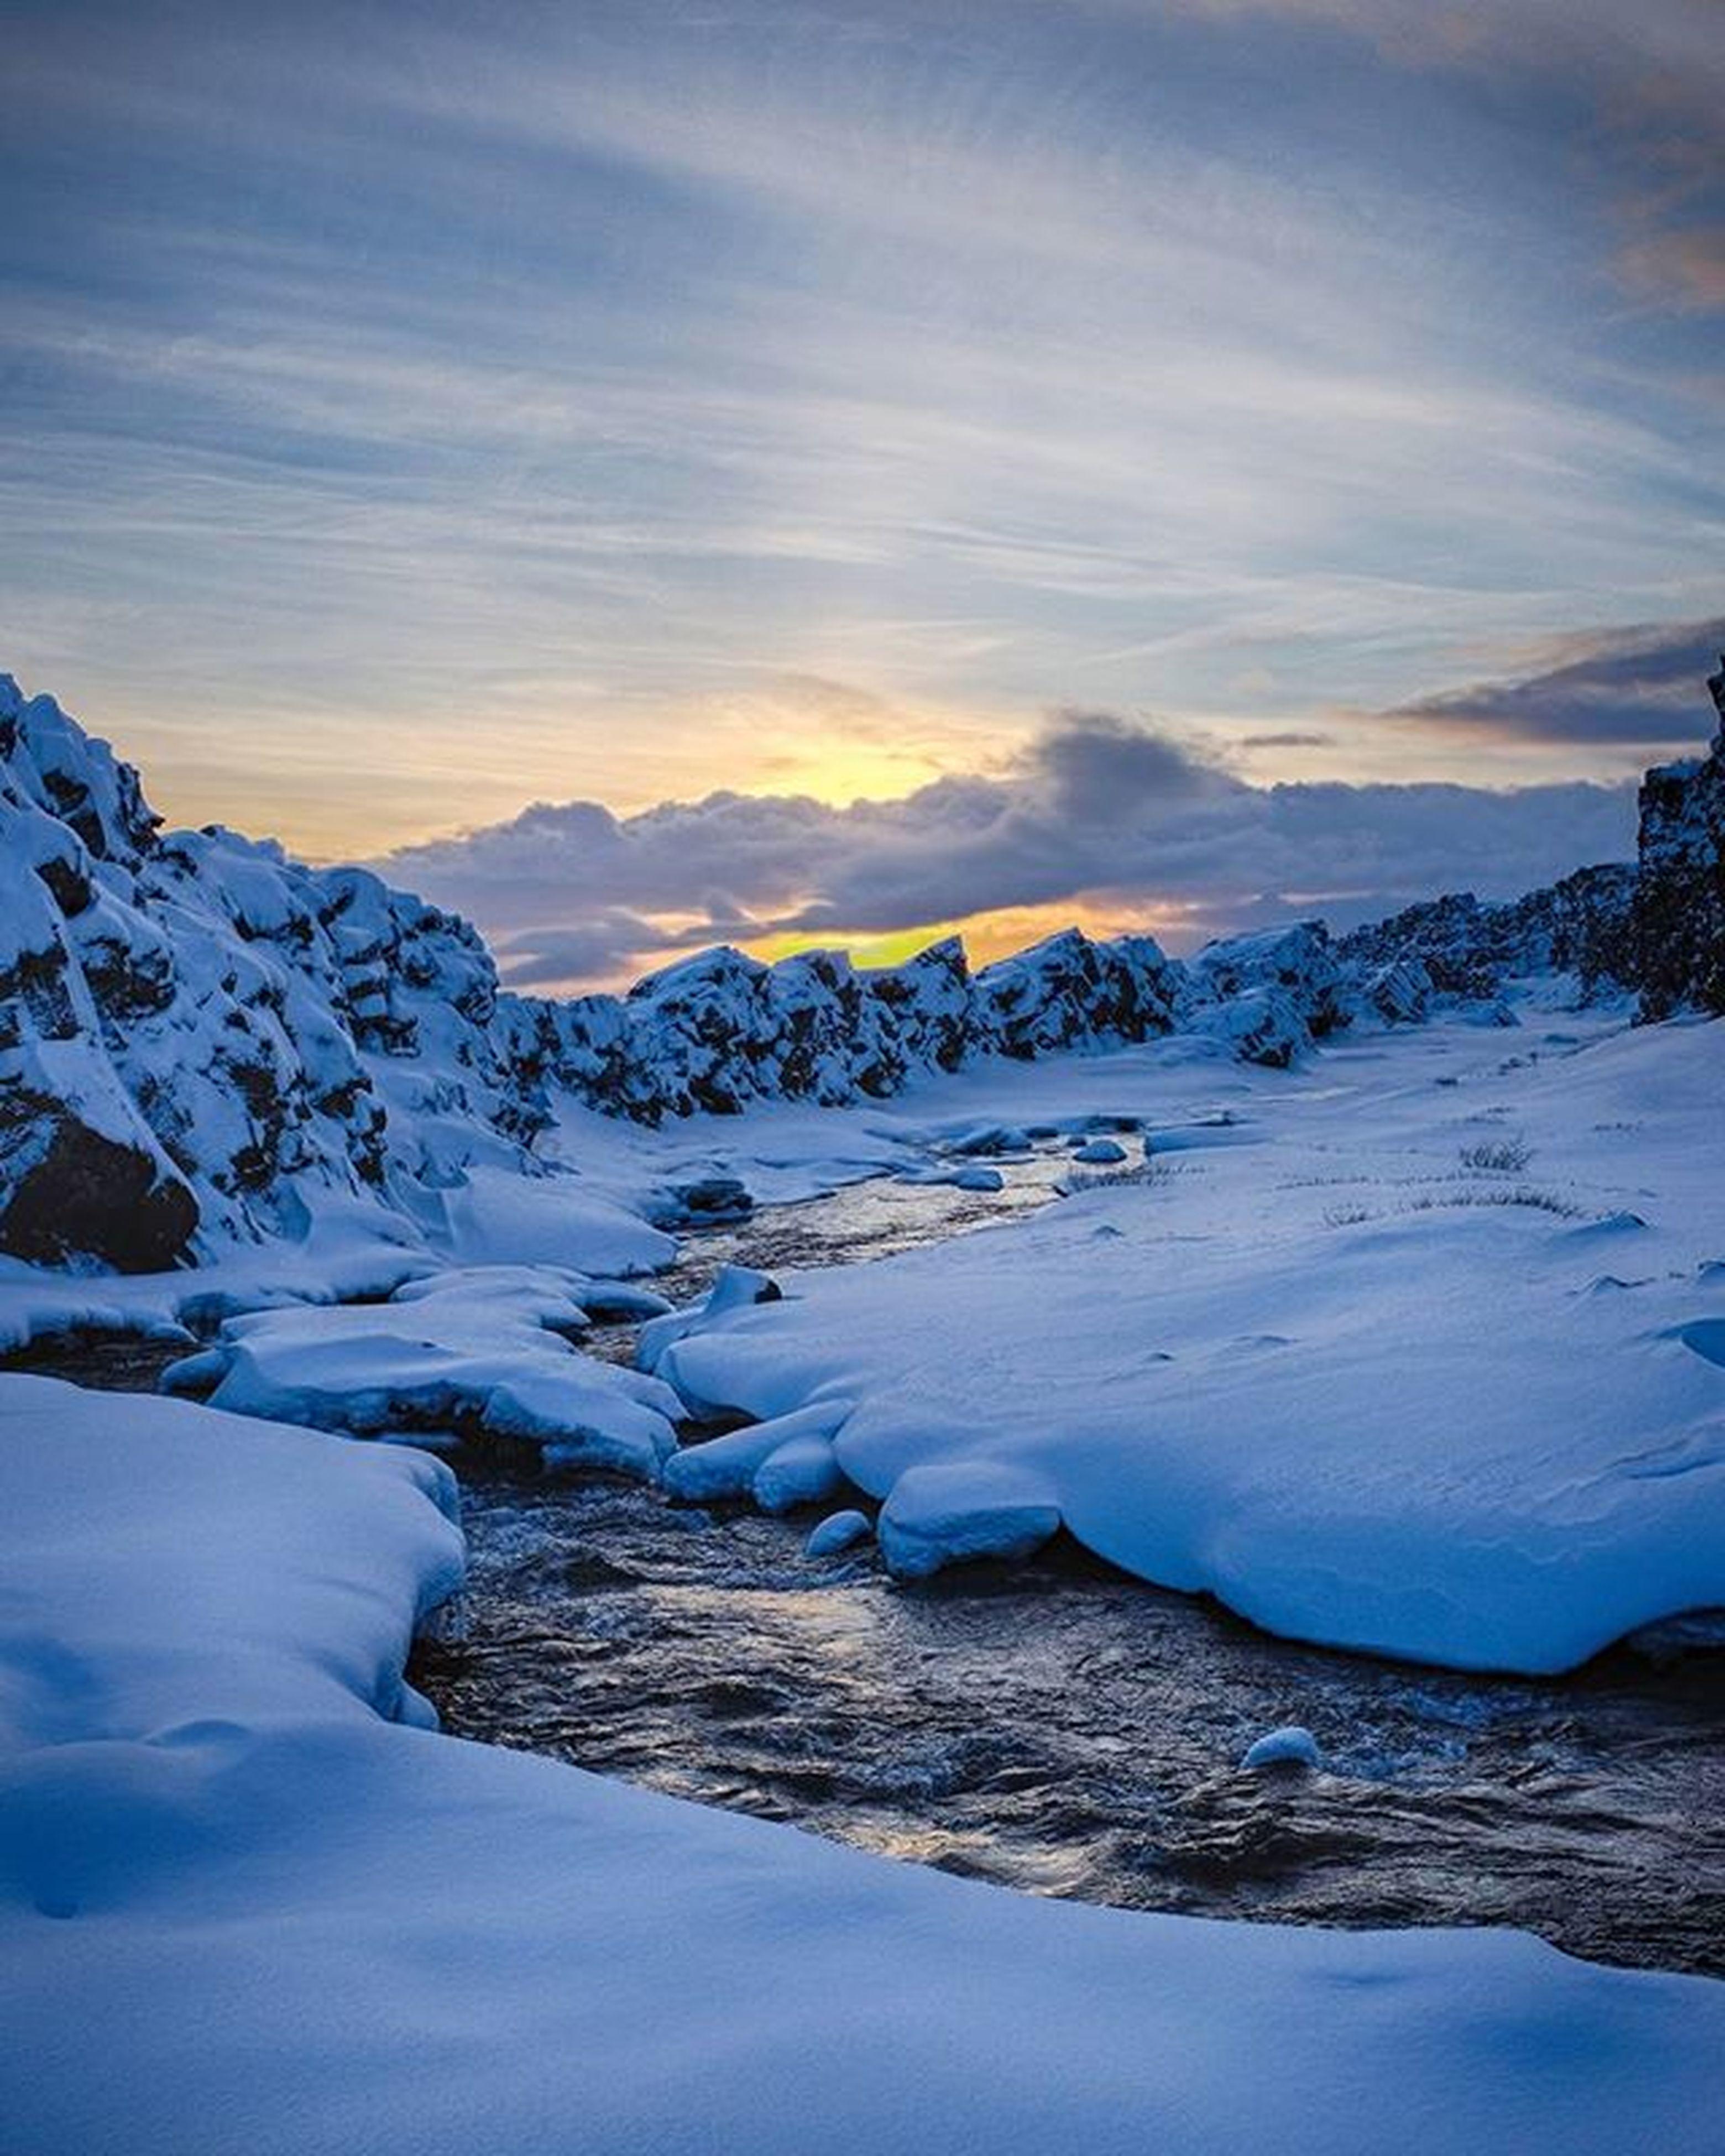 snow, winter, cold temperature, season, weather, frozen, tranquil scene, covering, scenics, beauty in nature, tranquility, snowcapped mountain, mountain, nature, sky, landscape, covered, non-urban scene, white color, sunset